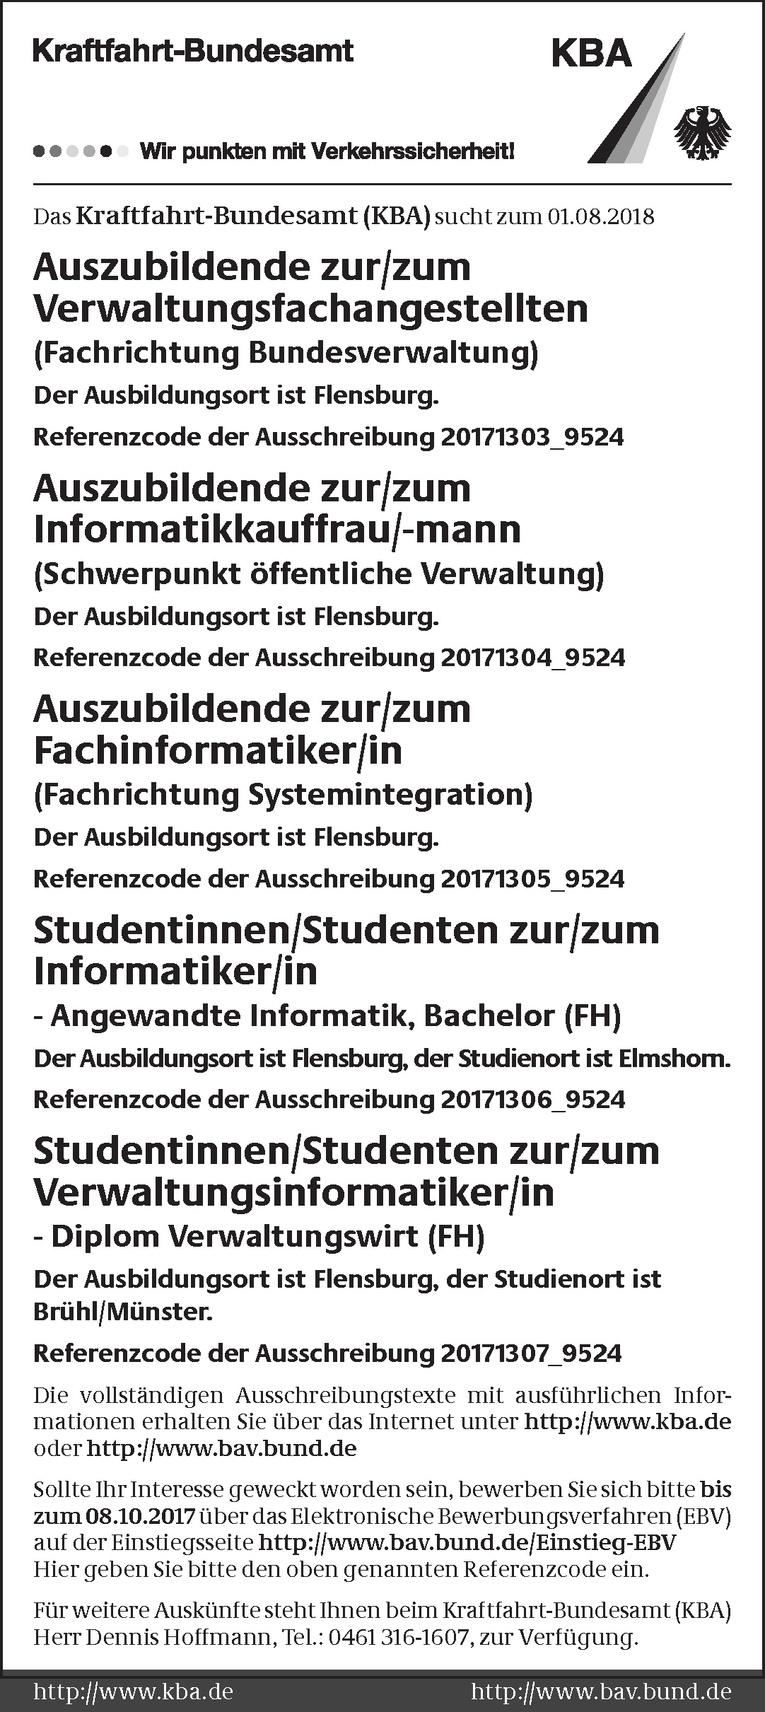 Auszubildende zur/zum Fachinformatiker/in